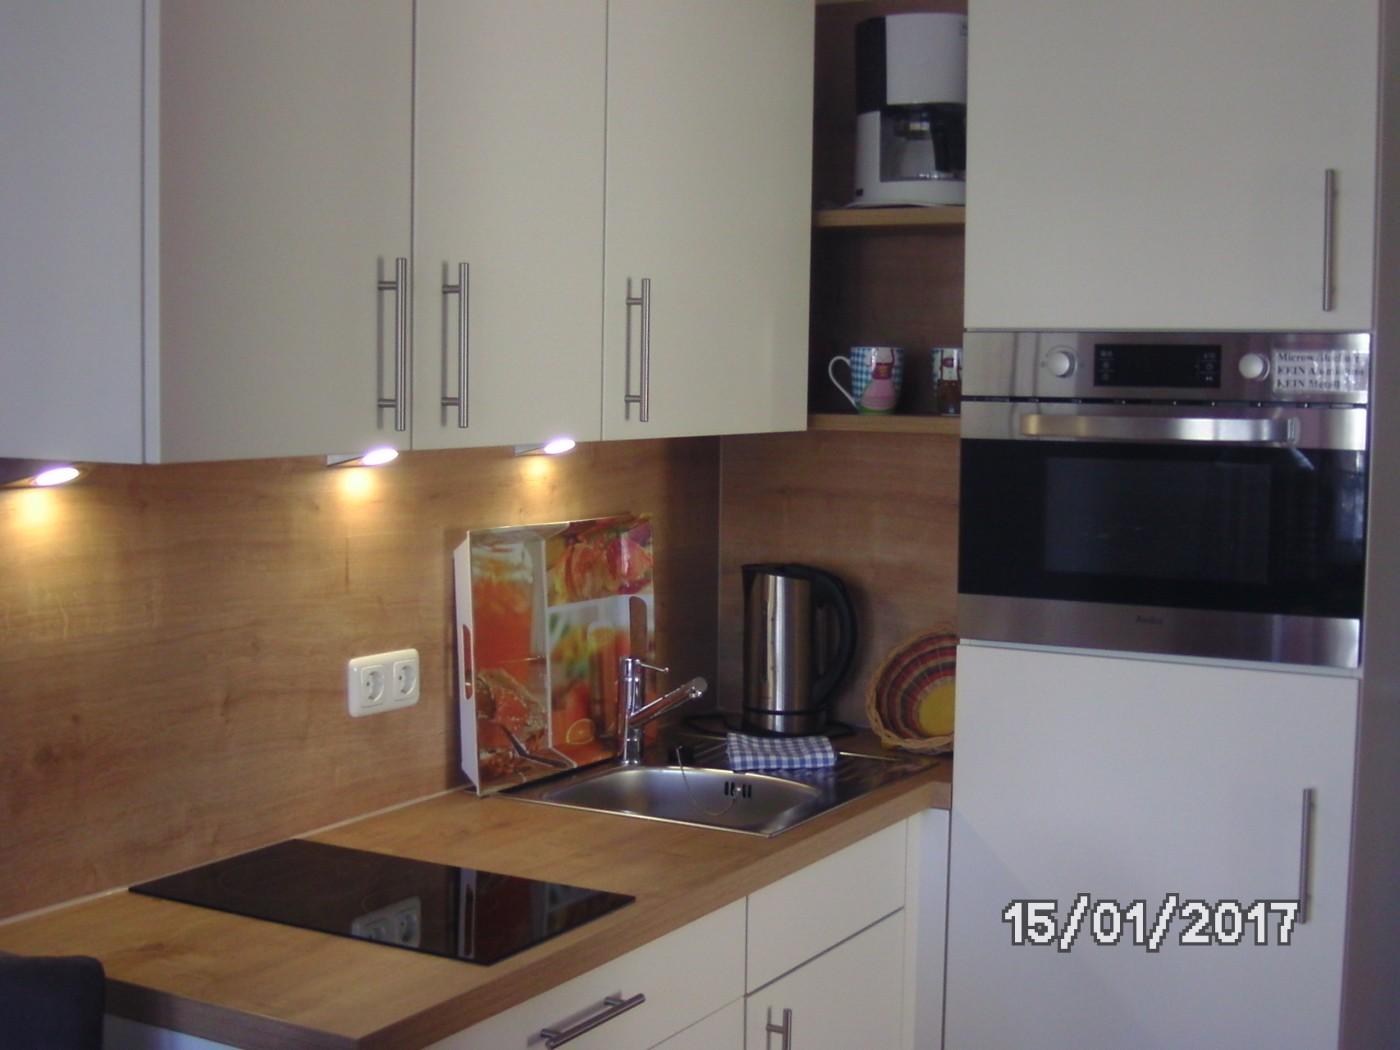 Ferienwohnungen Alpensonne / Wohnung 1 ( 1-3 Perso Ferienwohnung